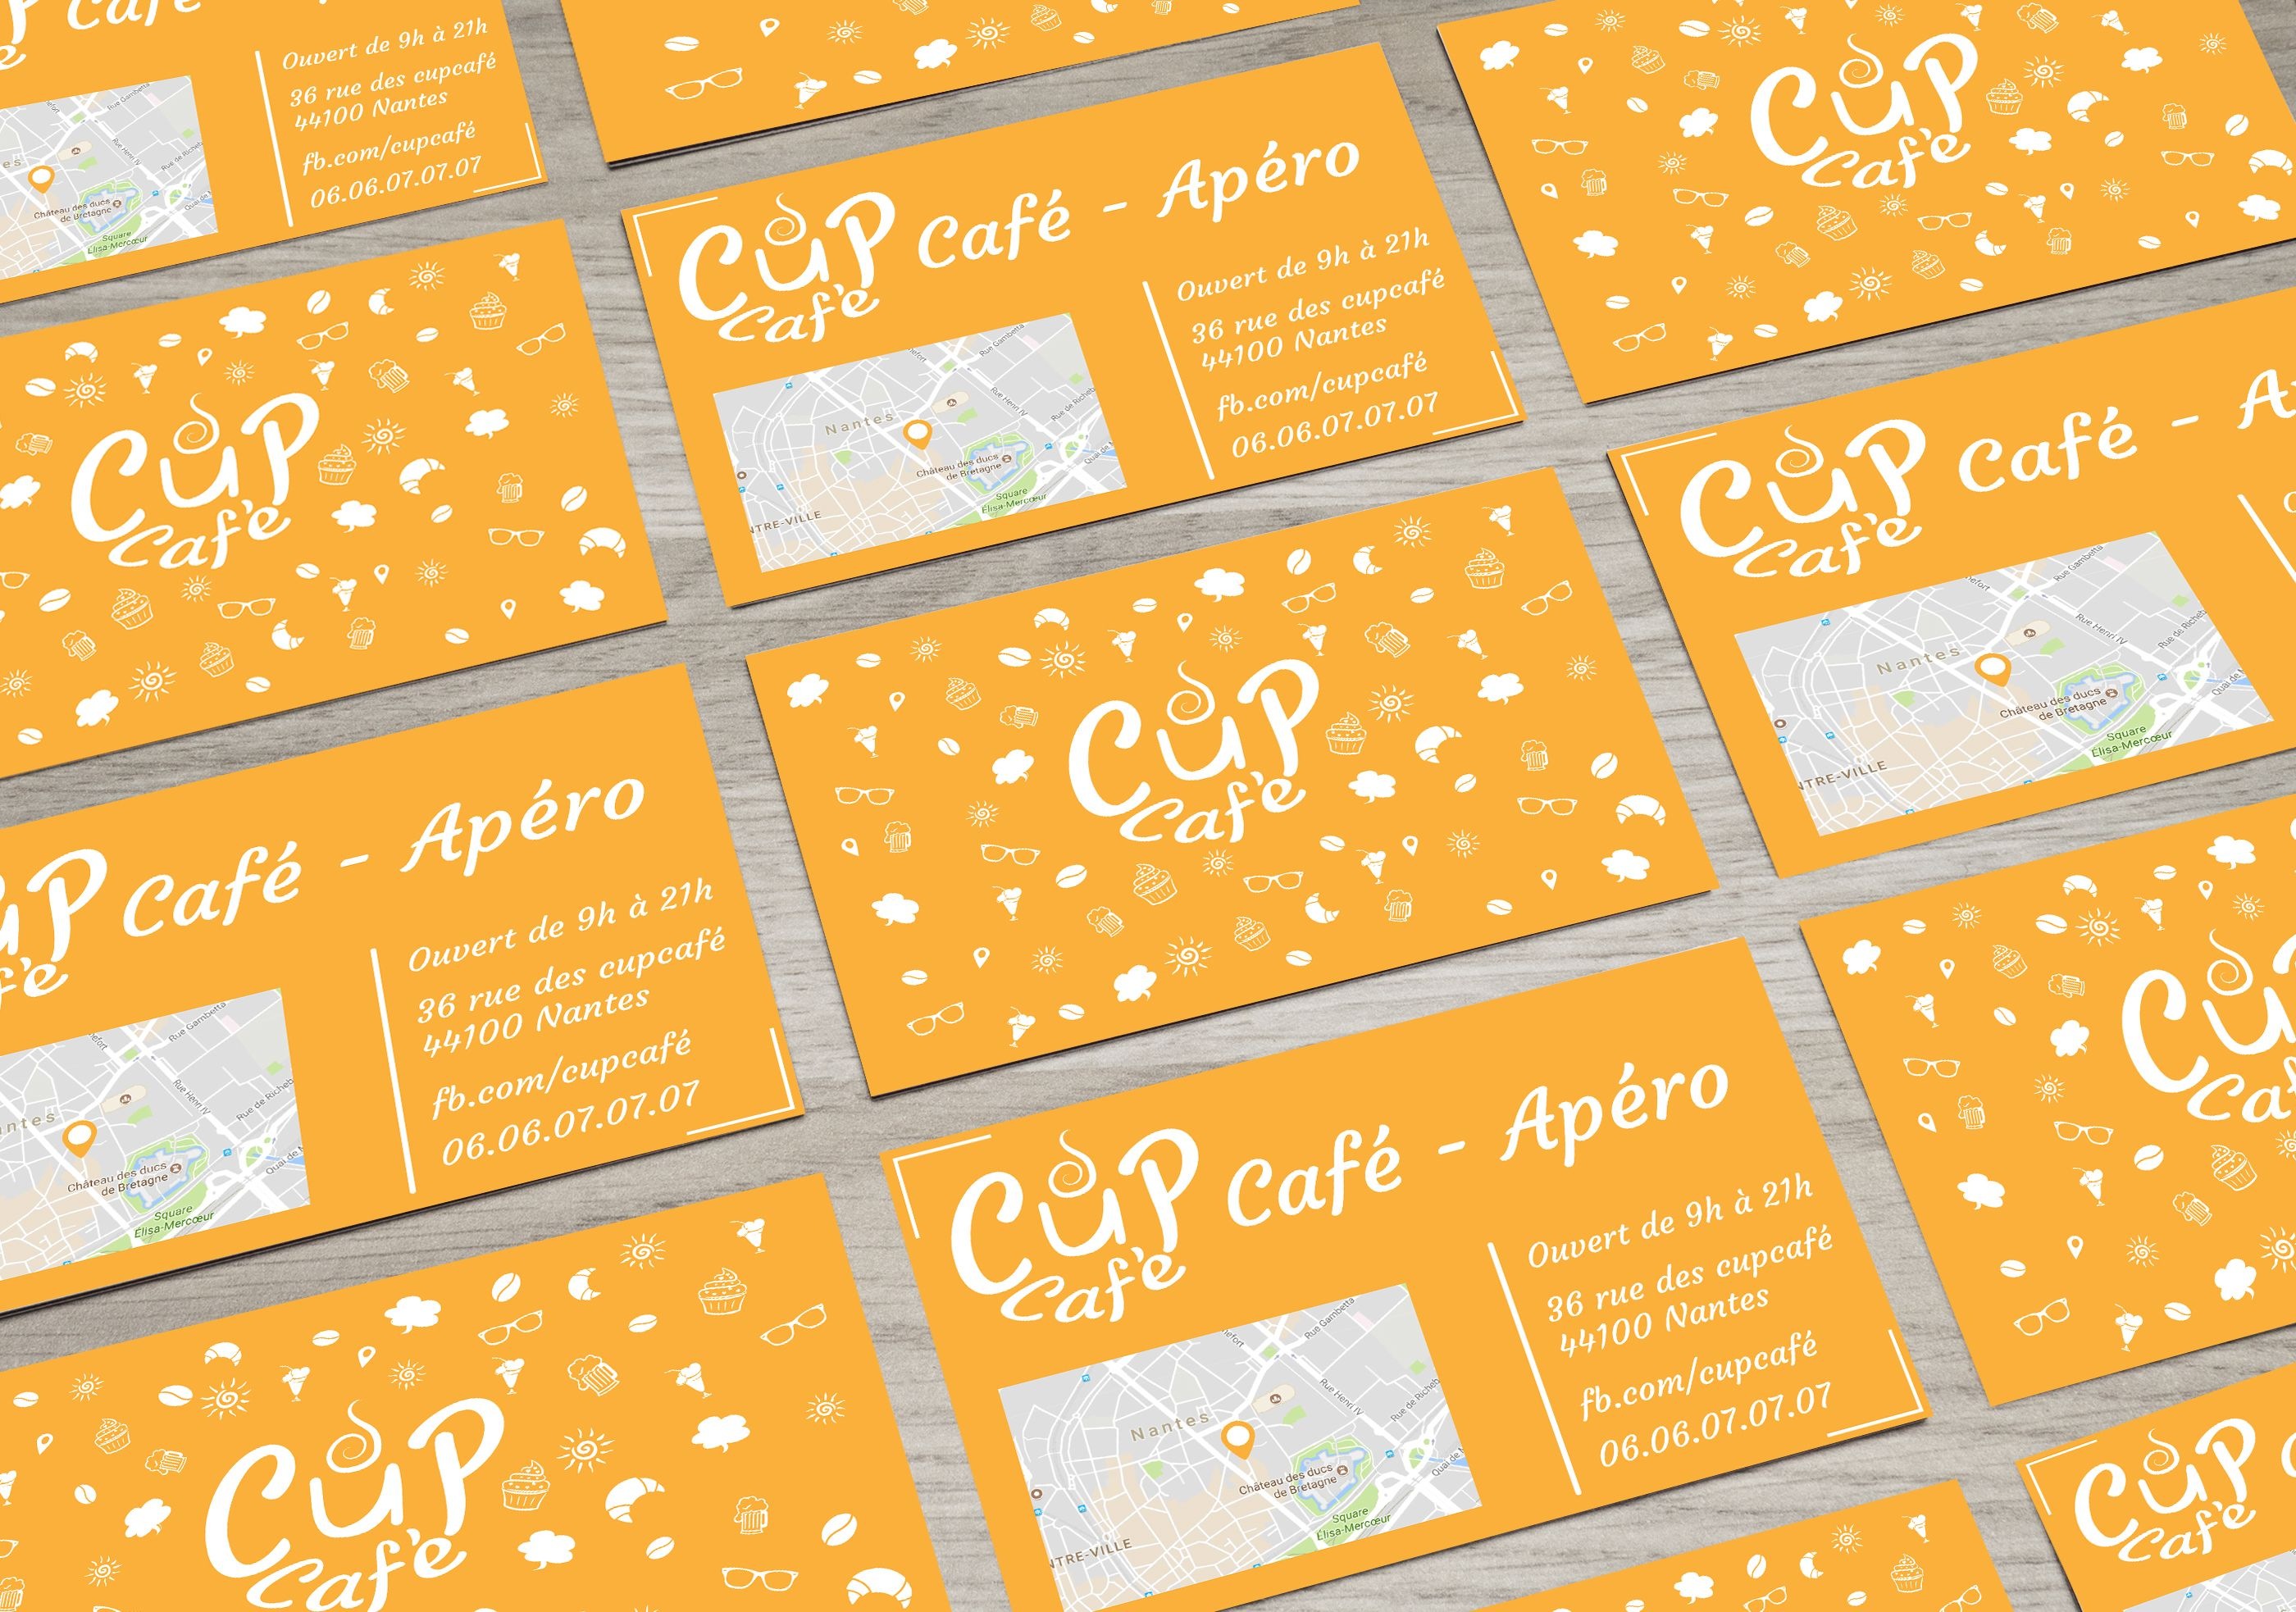 Pour Voir Plus De Design Carte Visite Logo Flyer Retrouvez Moi Sur Lovinsky Facebook Page Lovinskydesign Instagram